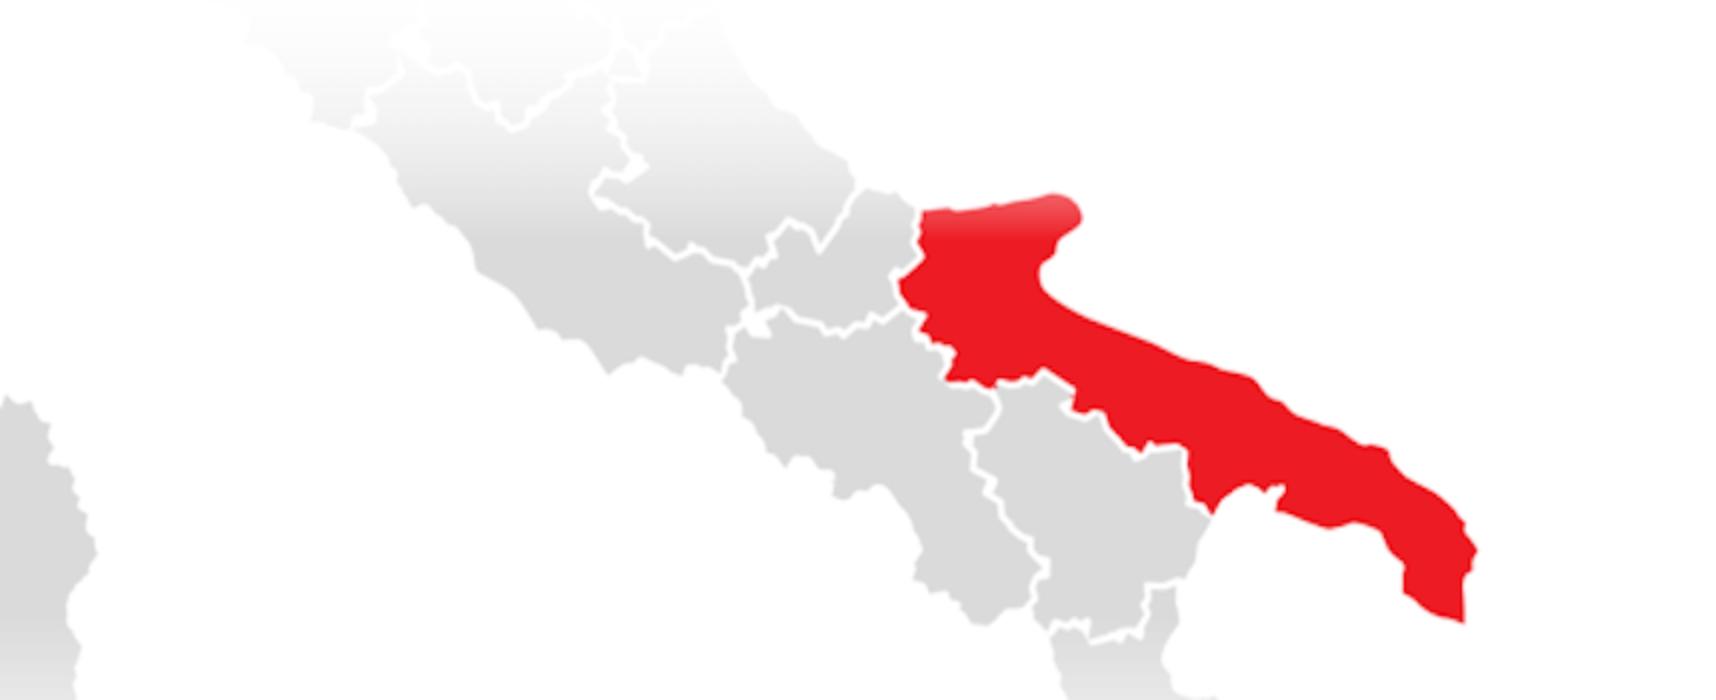 Incidenza contagi ancora sopra soglia, la Puglia rimane rossa